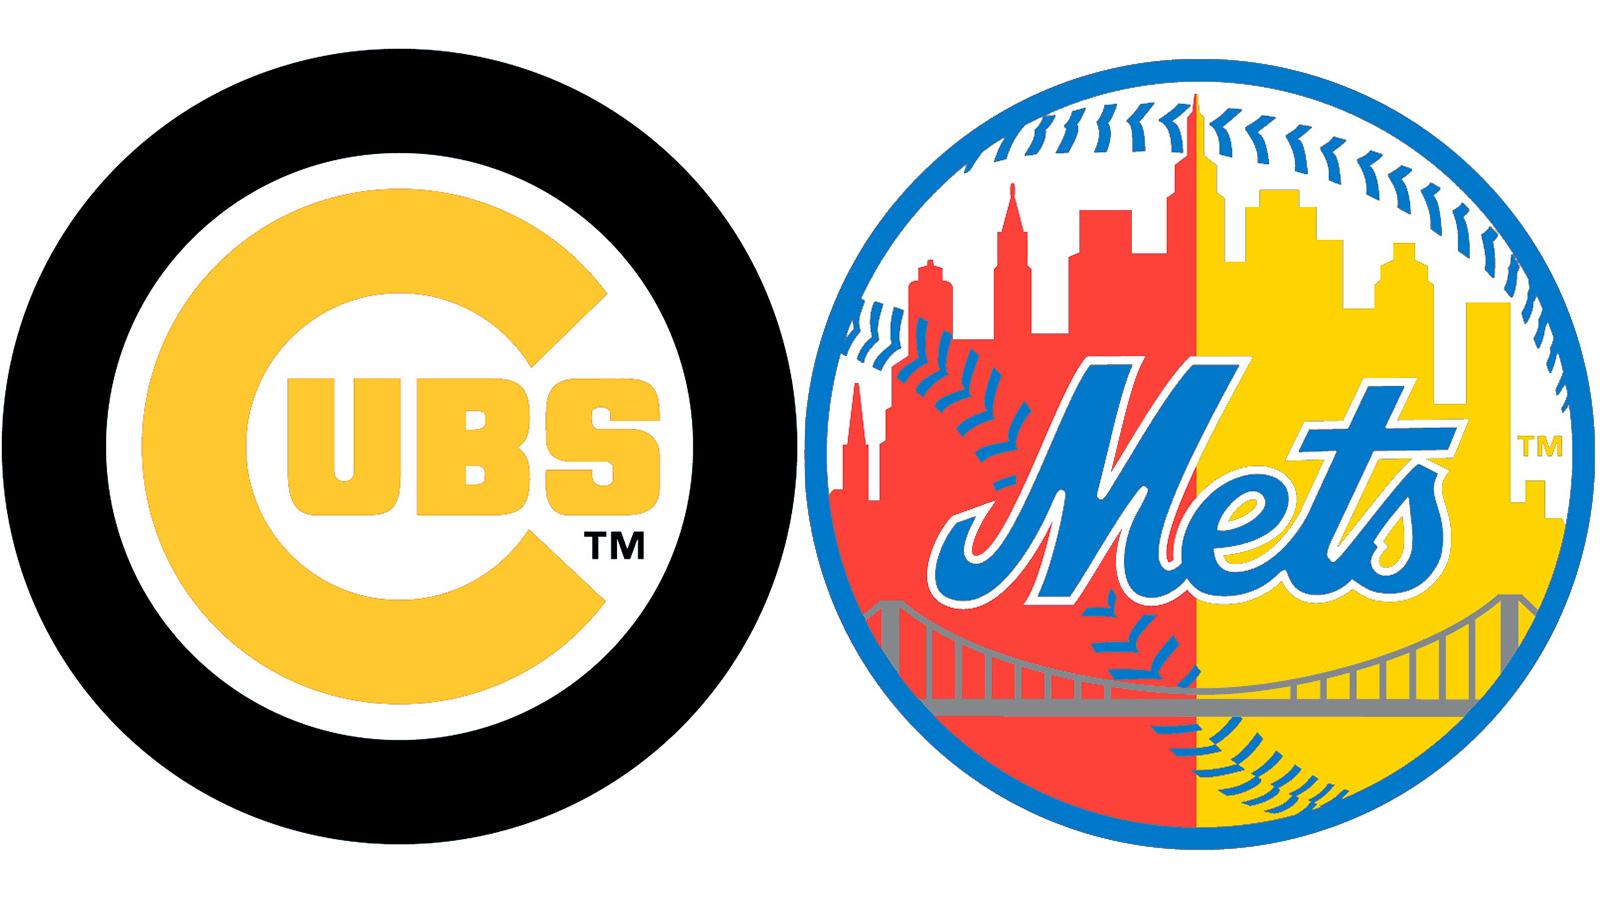 033017-Cubs-Mets-PI